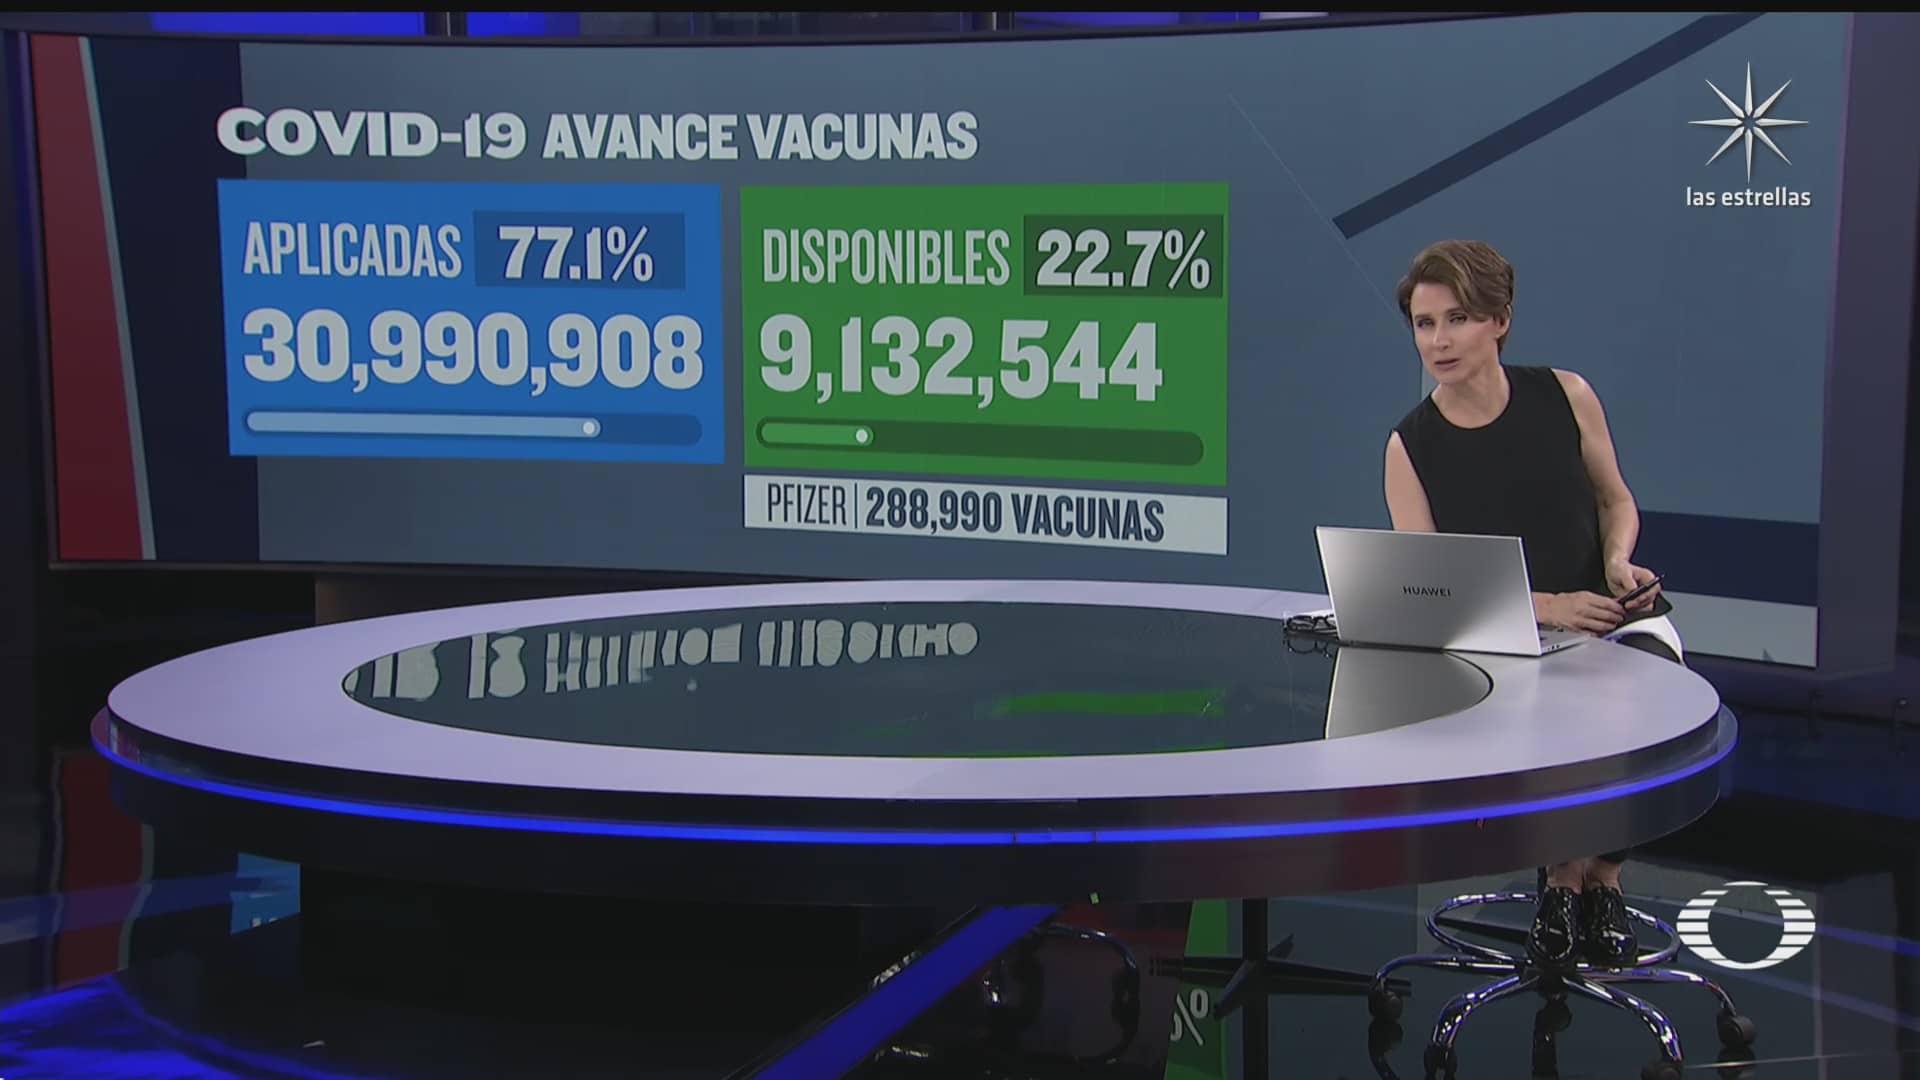 han sido aplicadas 30 millones 990 mil 908 vacunas contra covid 19 en mexico